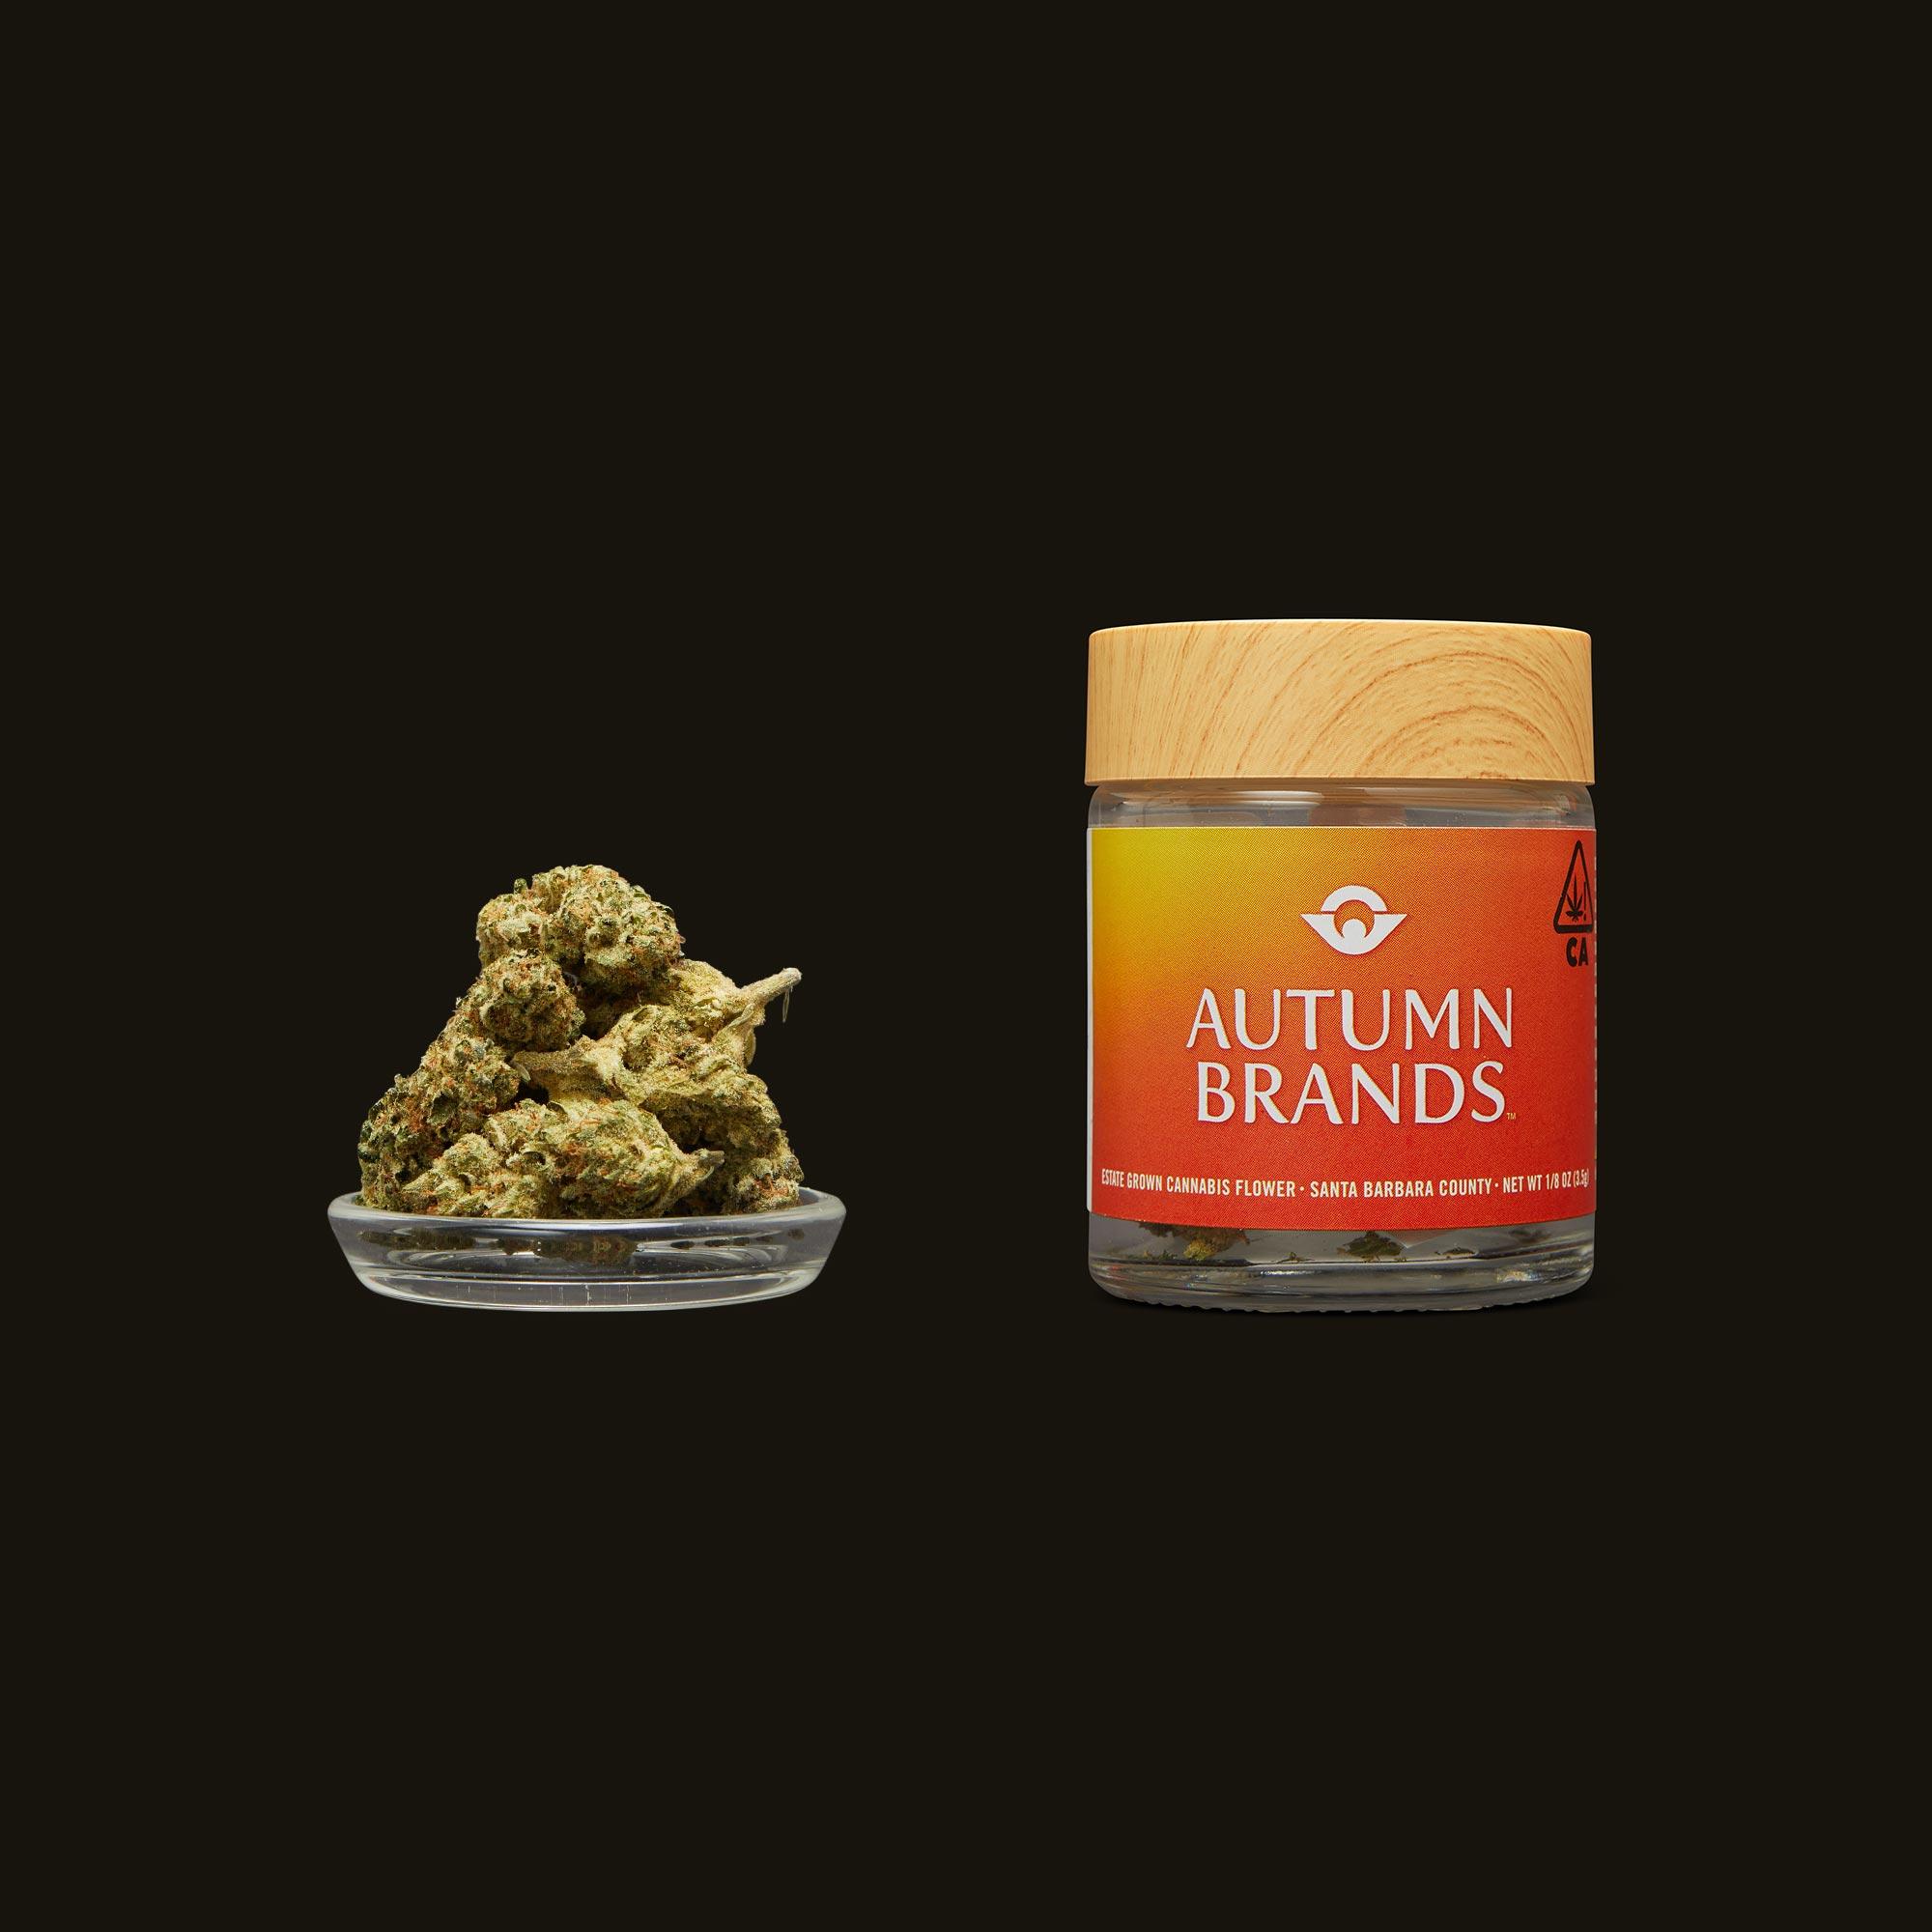 Autumn Brands Melon Runtz